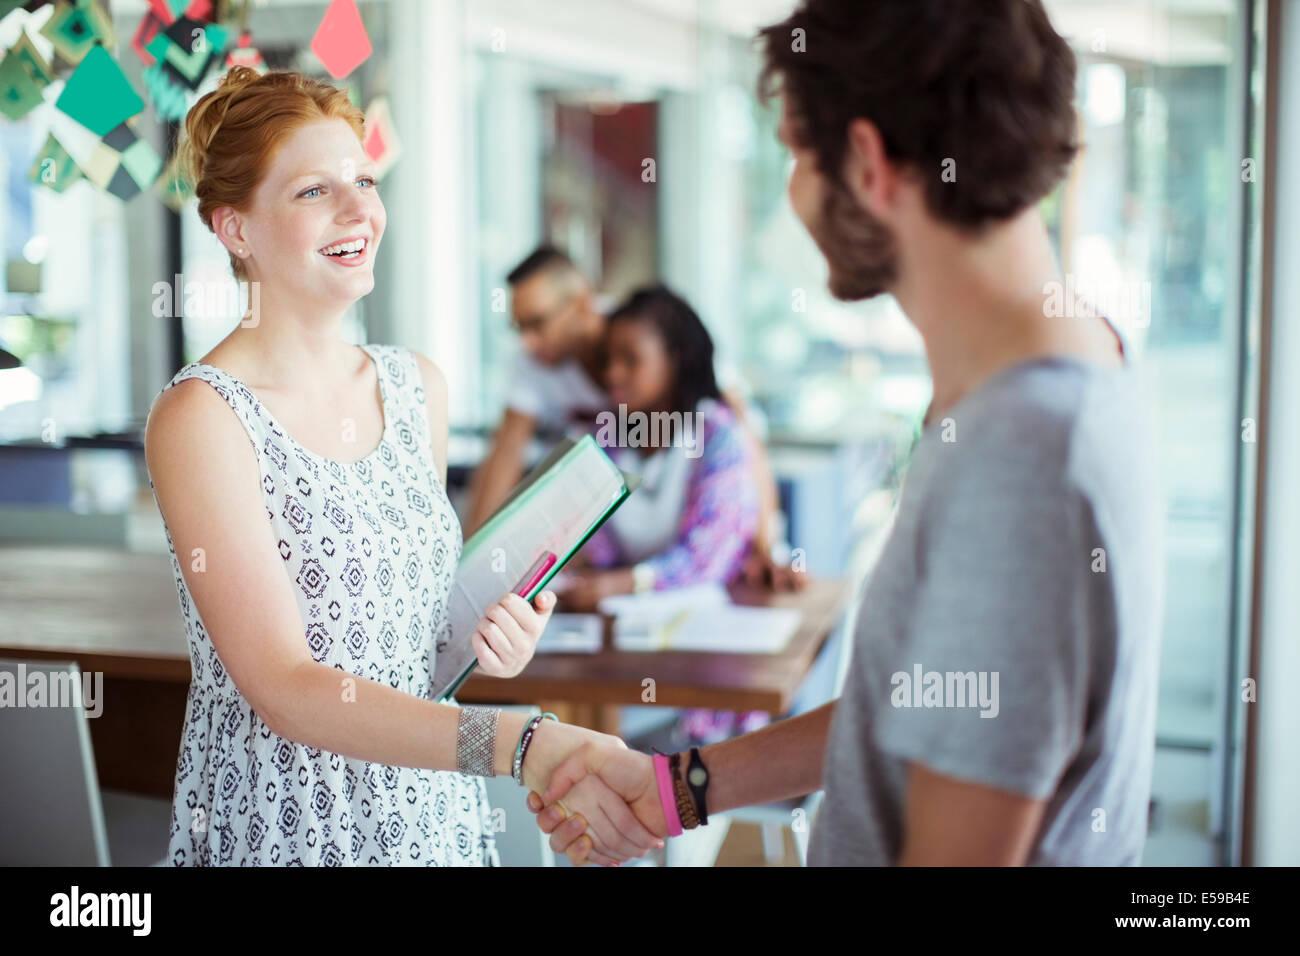 Le persone si stringono la mano in ufficio Immagini Stock